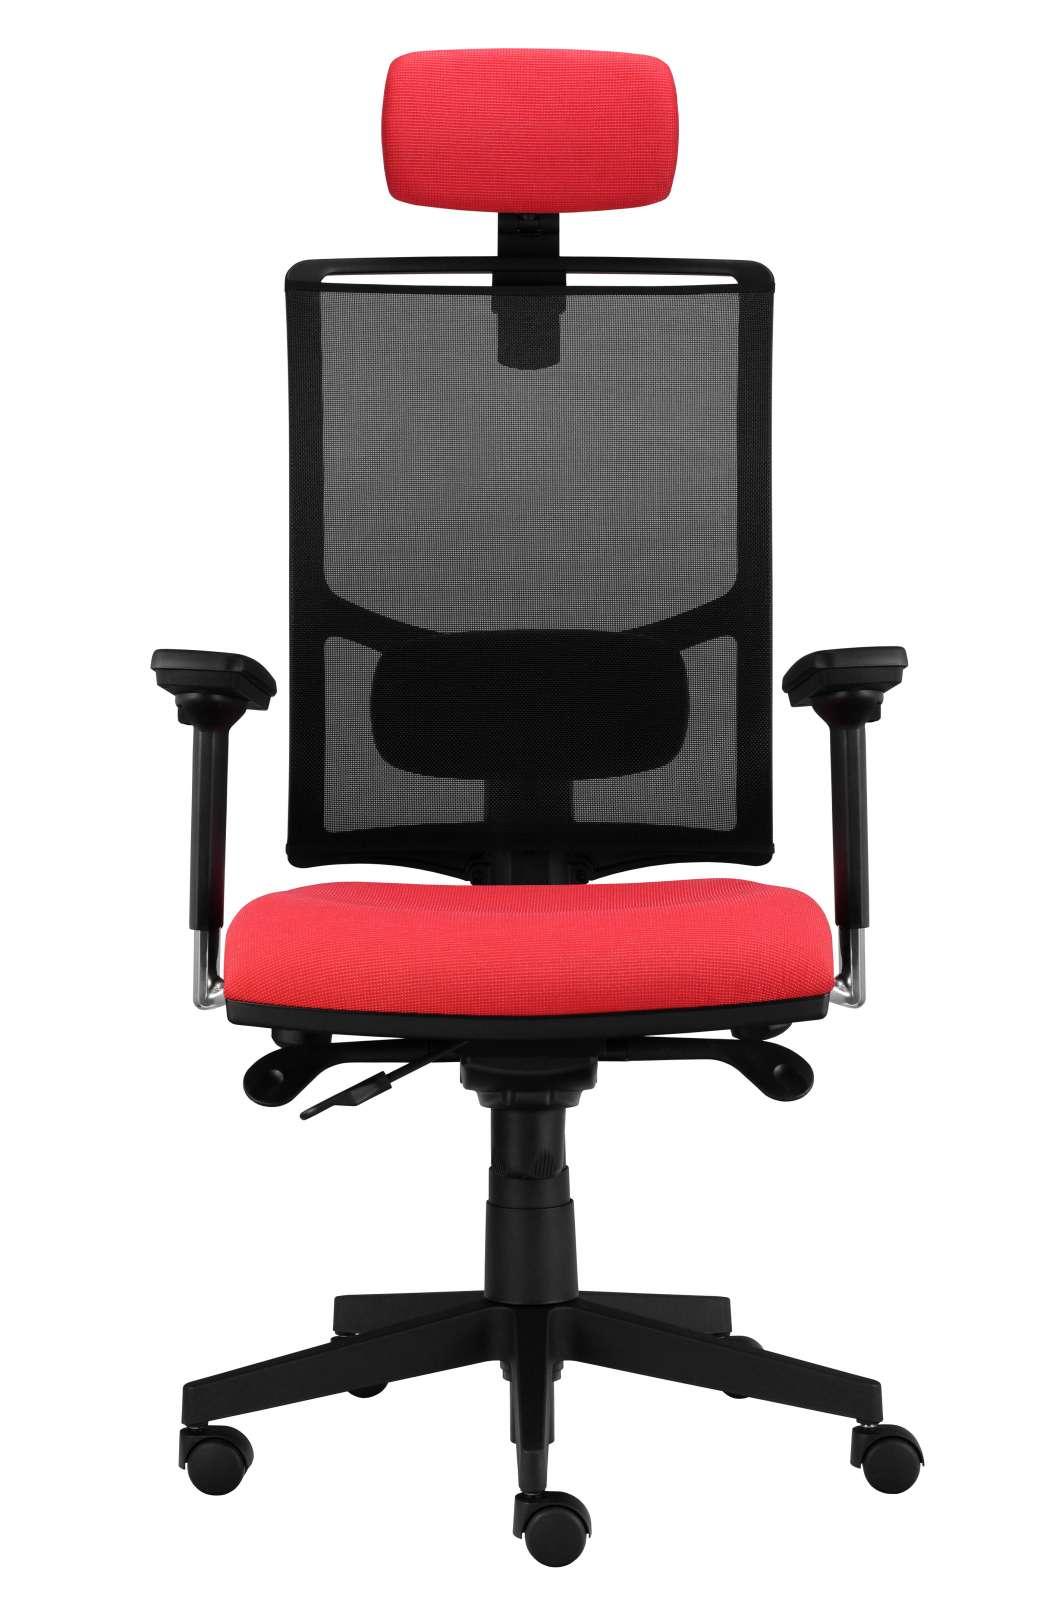 Moderní kancelářská židle Lara síť